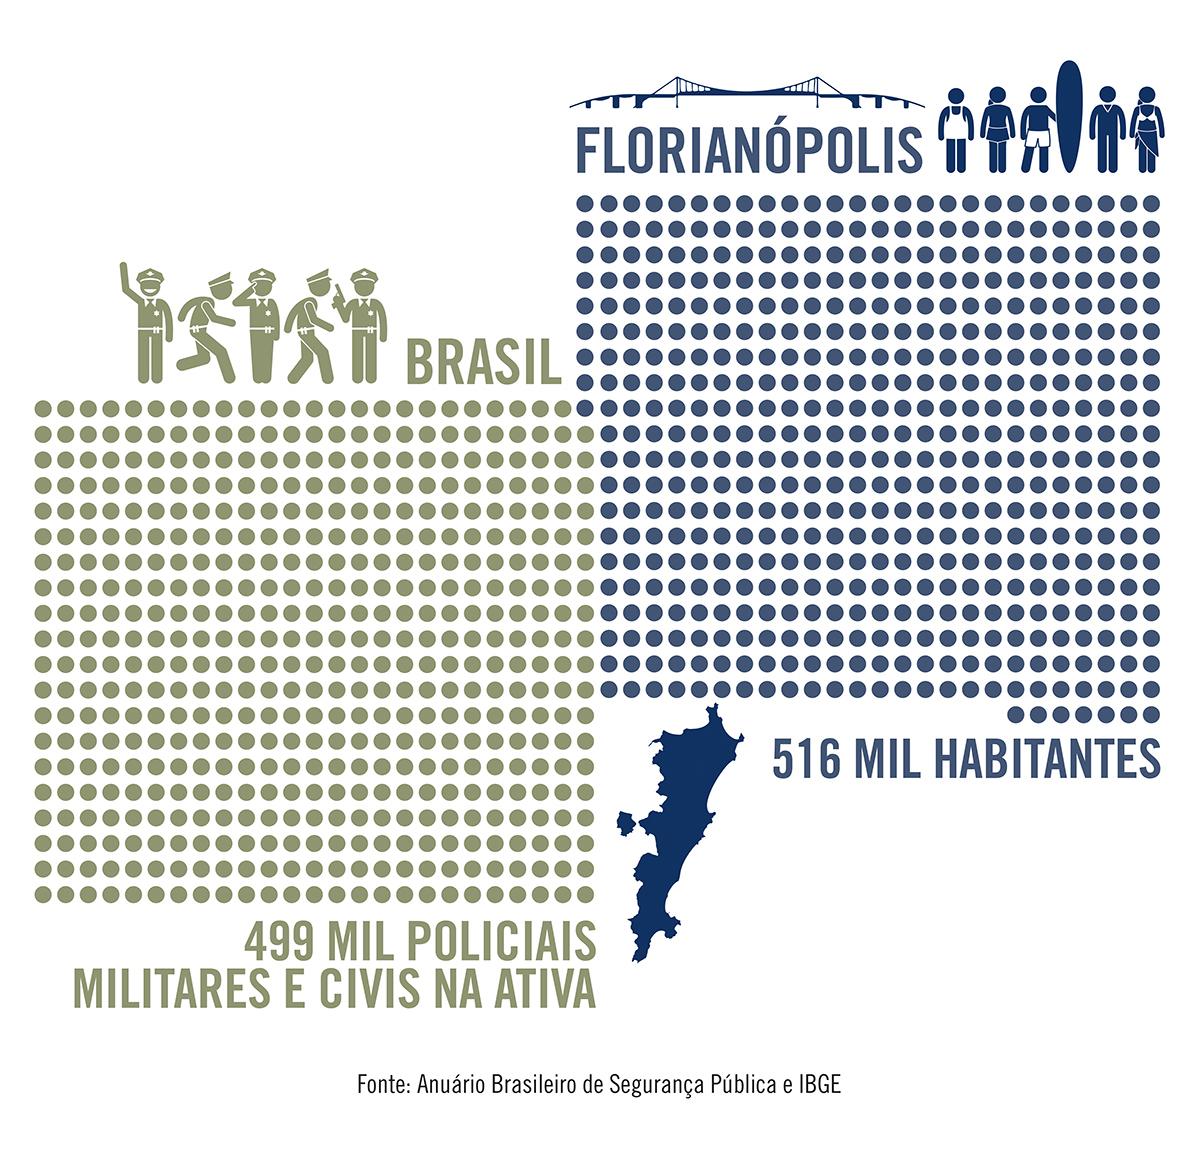 Efetivo das polícias estaduais no Brasil equivale à população de Florianópolis